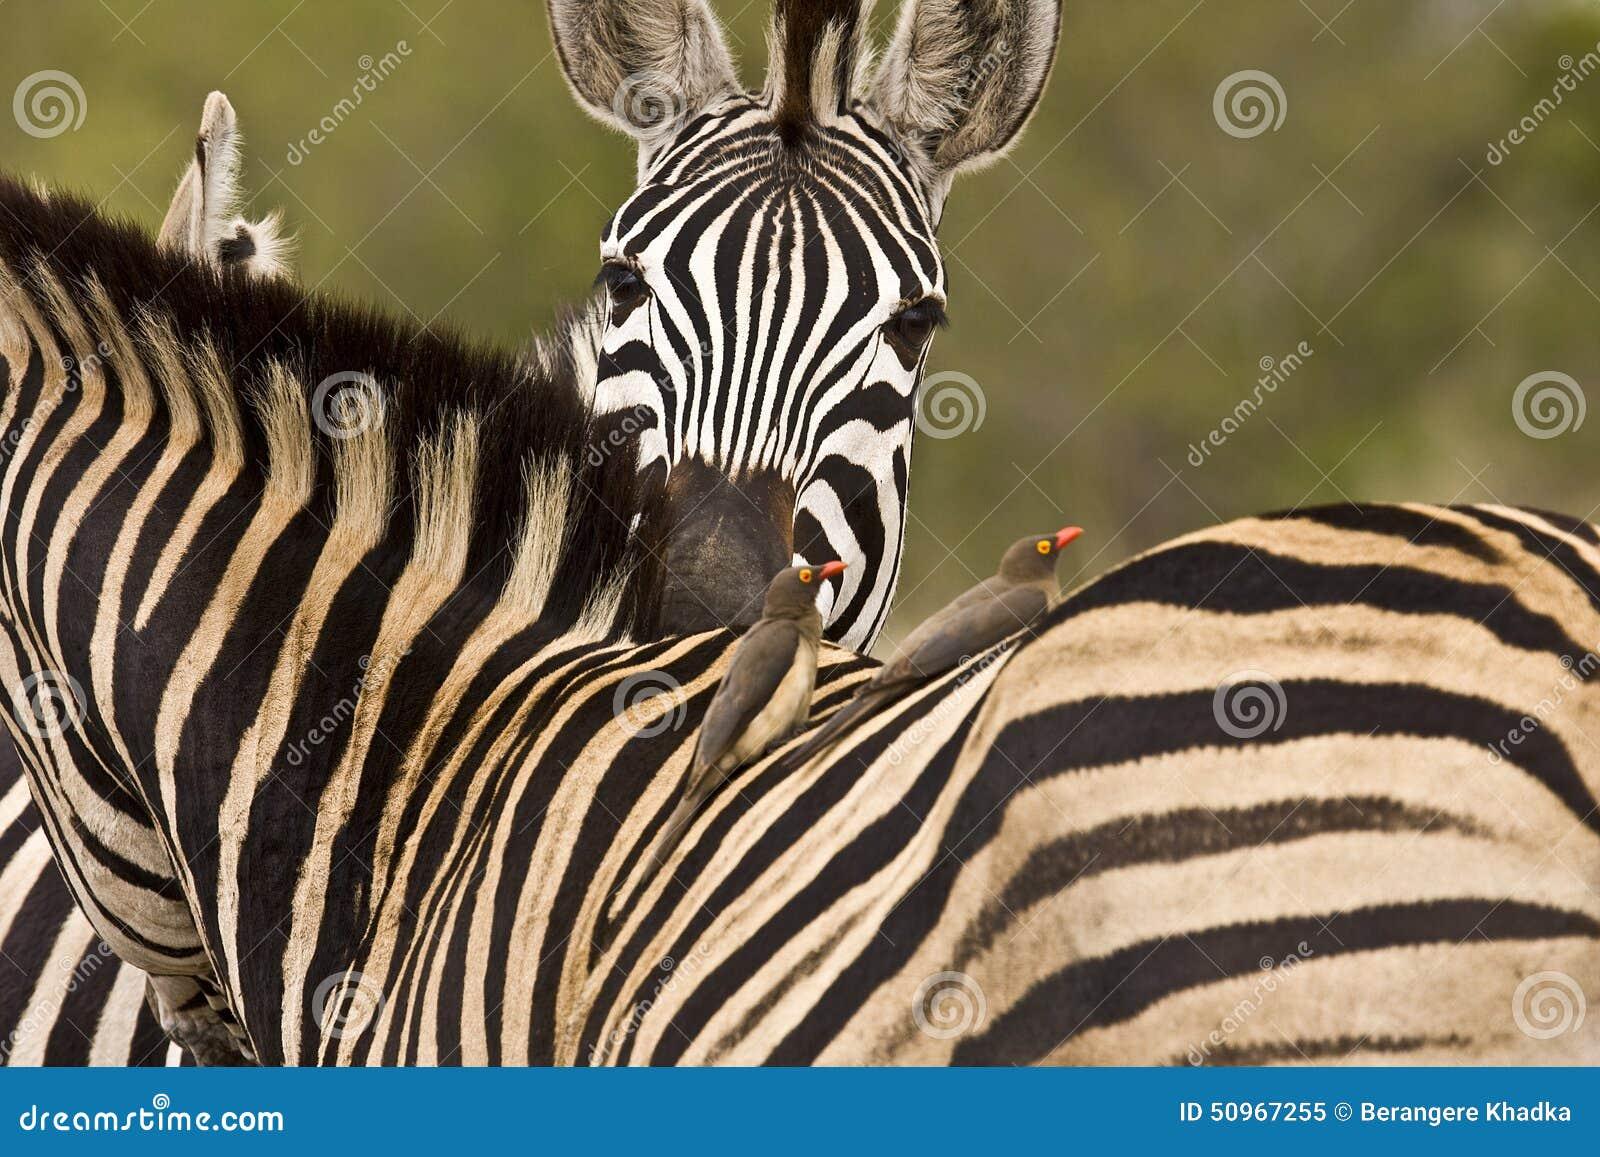 Ein zarter Moment für zwei Zebras im Busch, Nationalpark Kruger, Südafrika